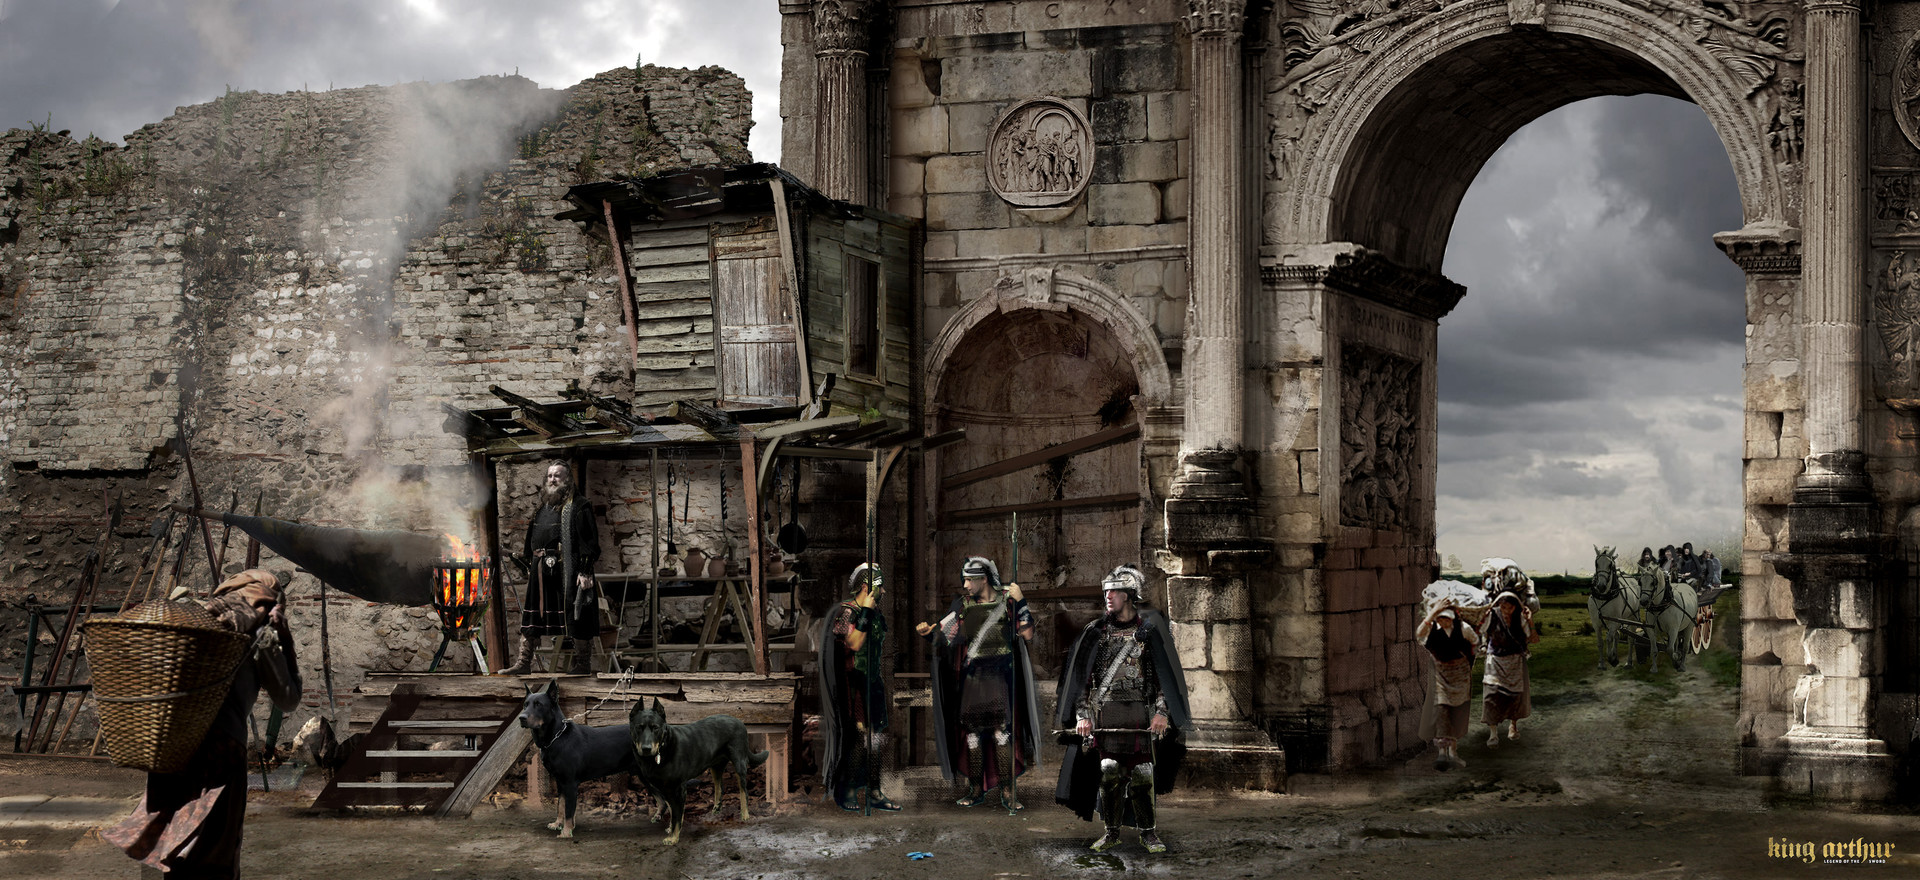 Kieran belshaw arch entrance v004